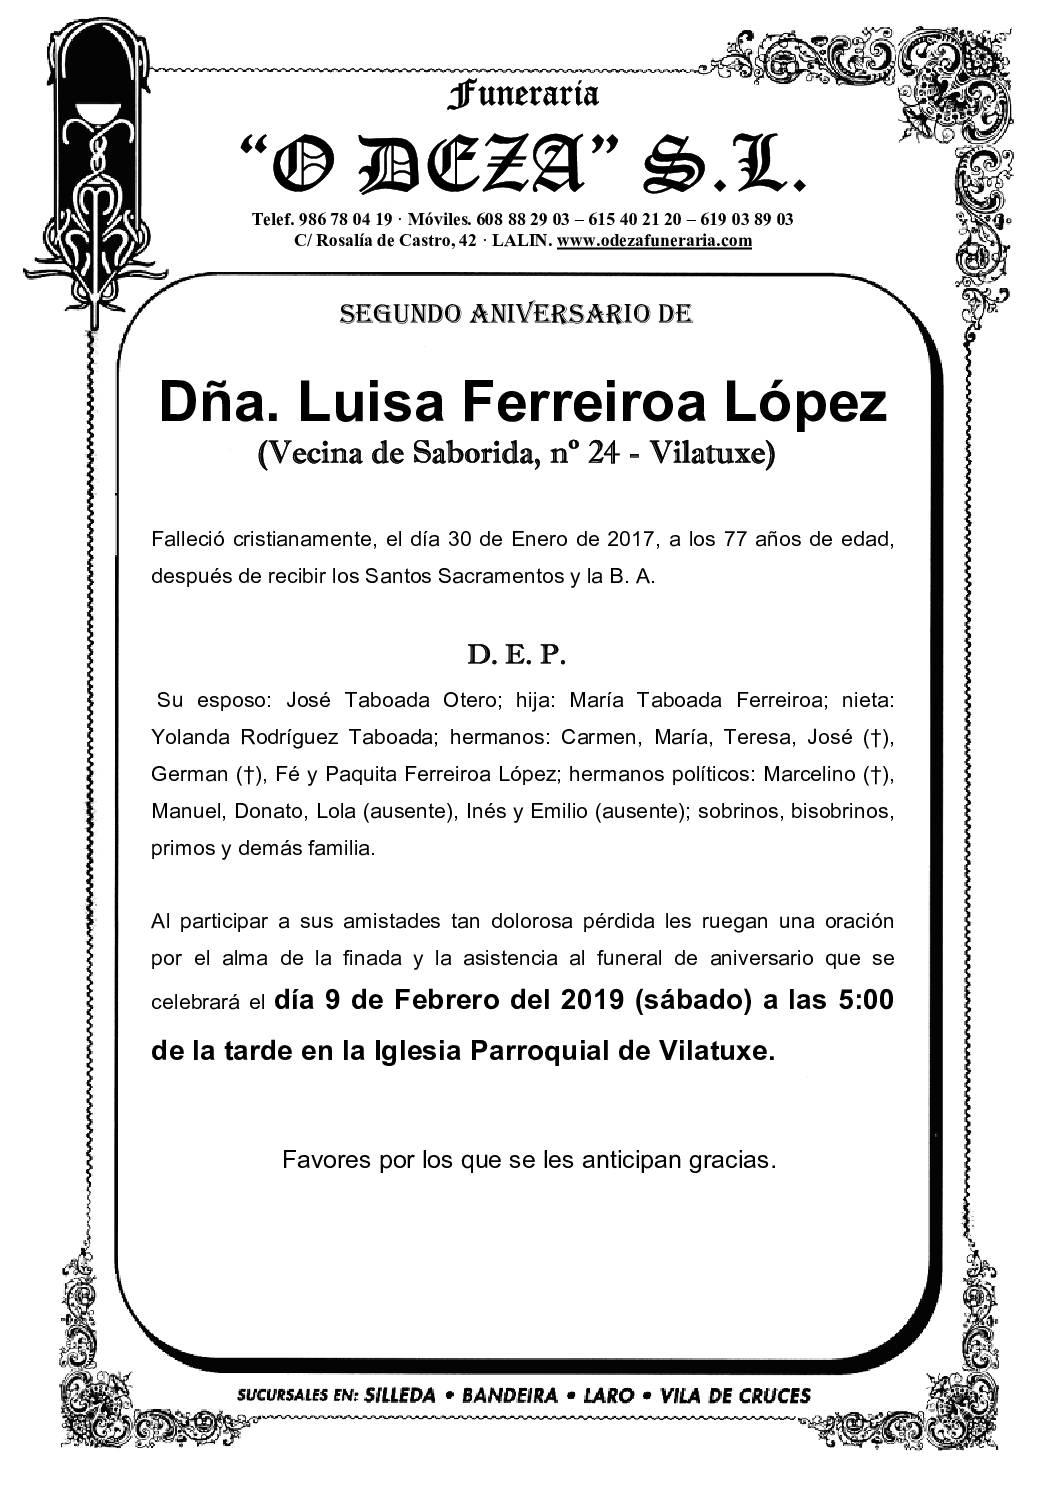 DÑA. LUISA FERREIROA LÓPEZ